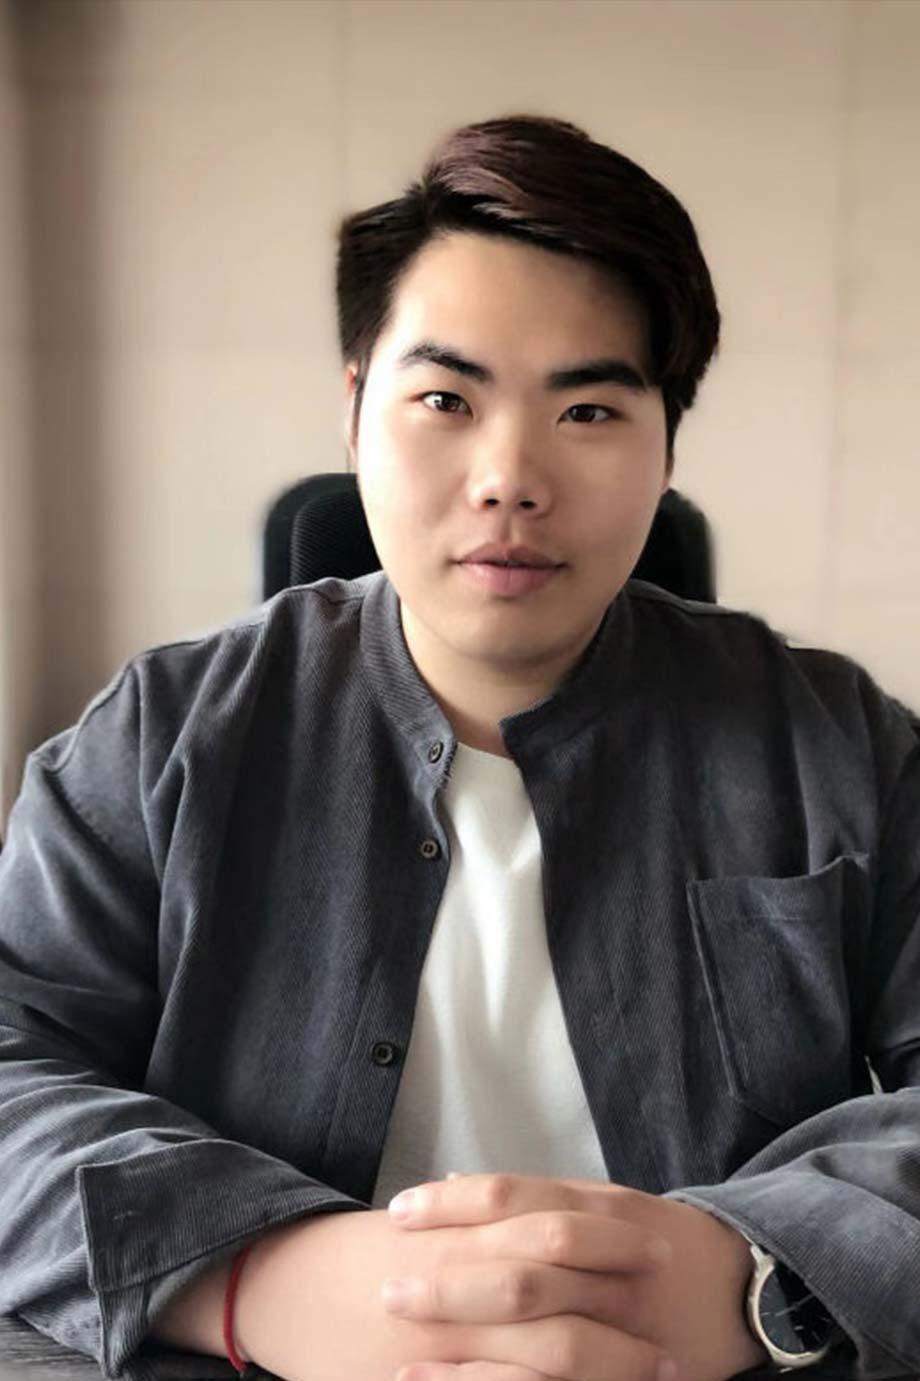 石家庄装修设计师刘闯